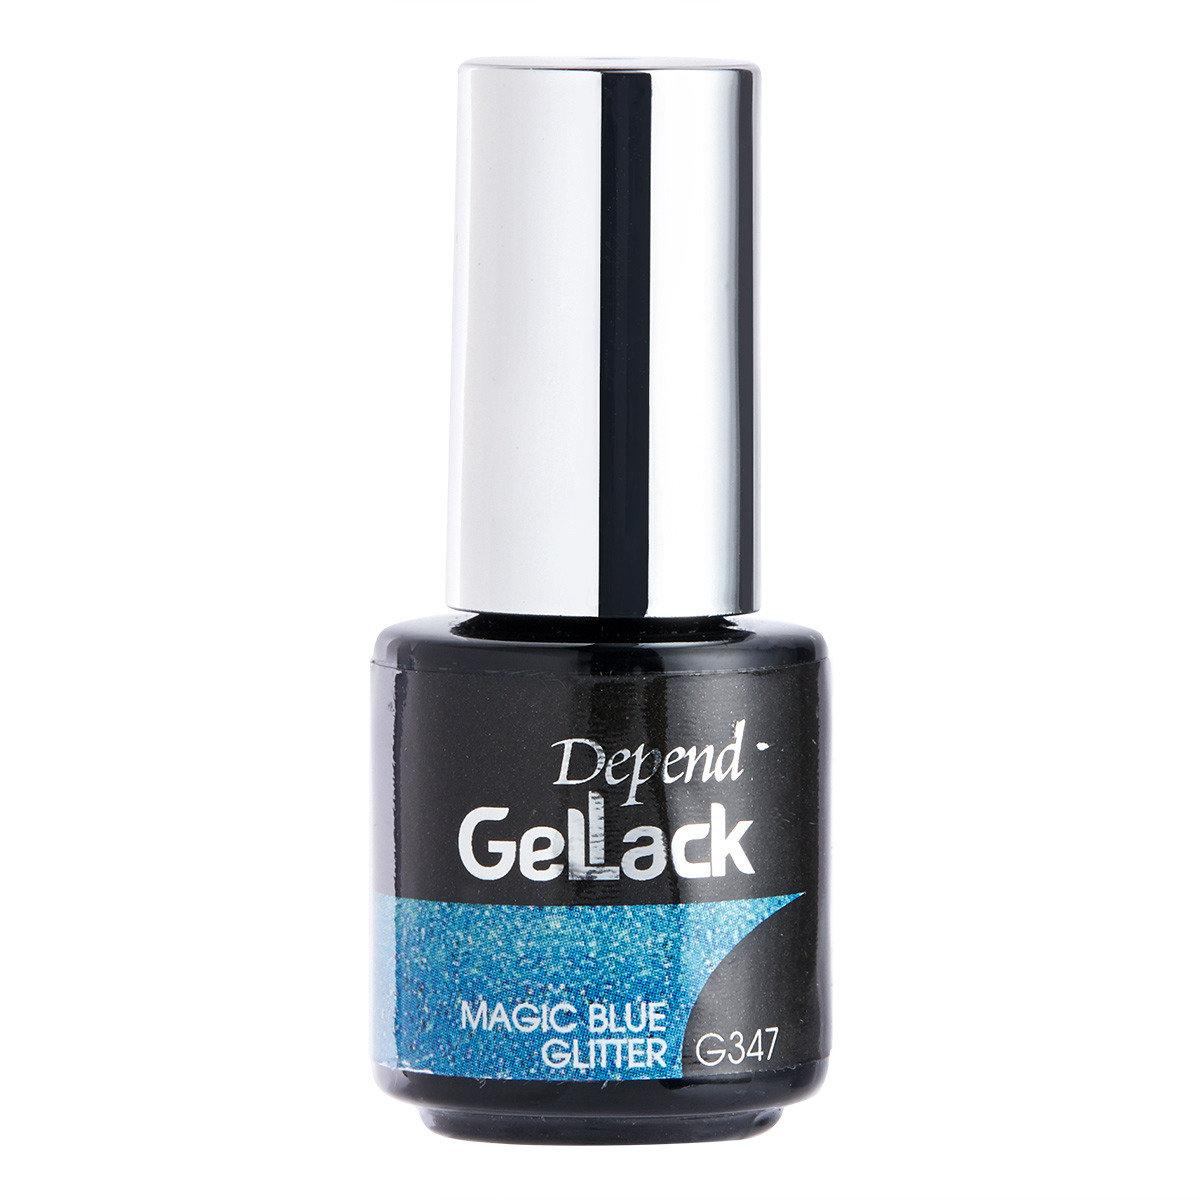 GELLACK指甲油-G347